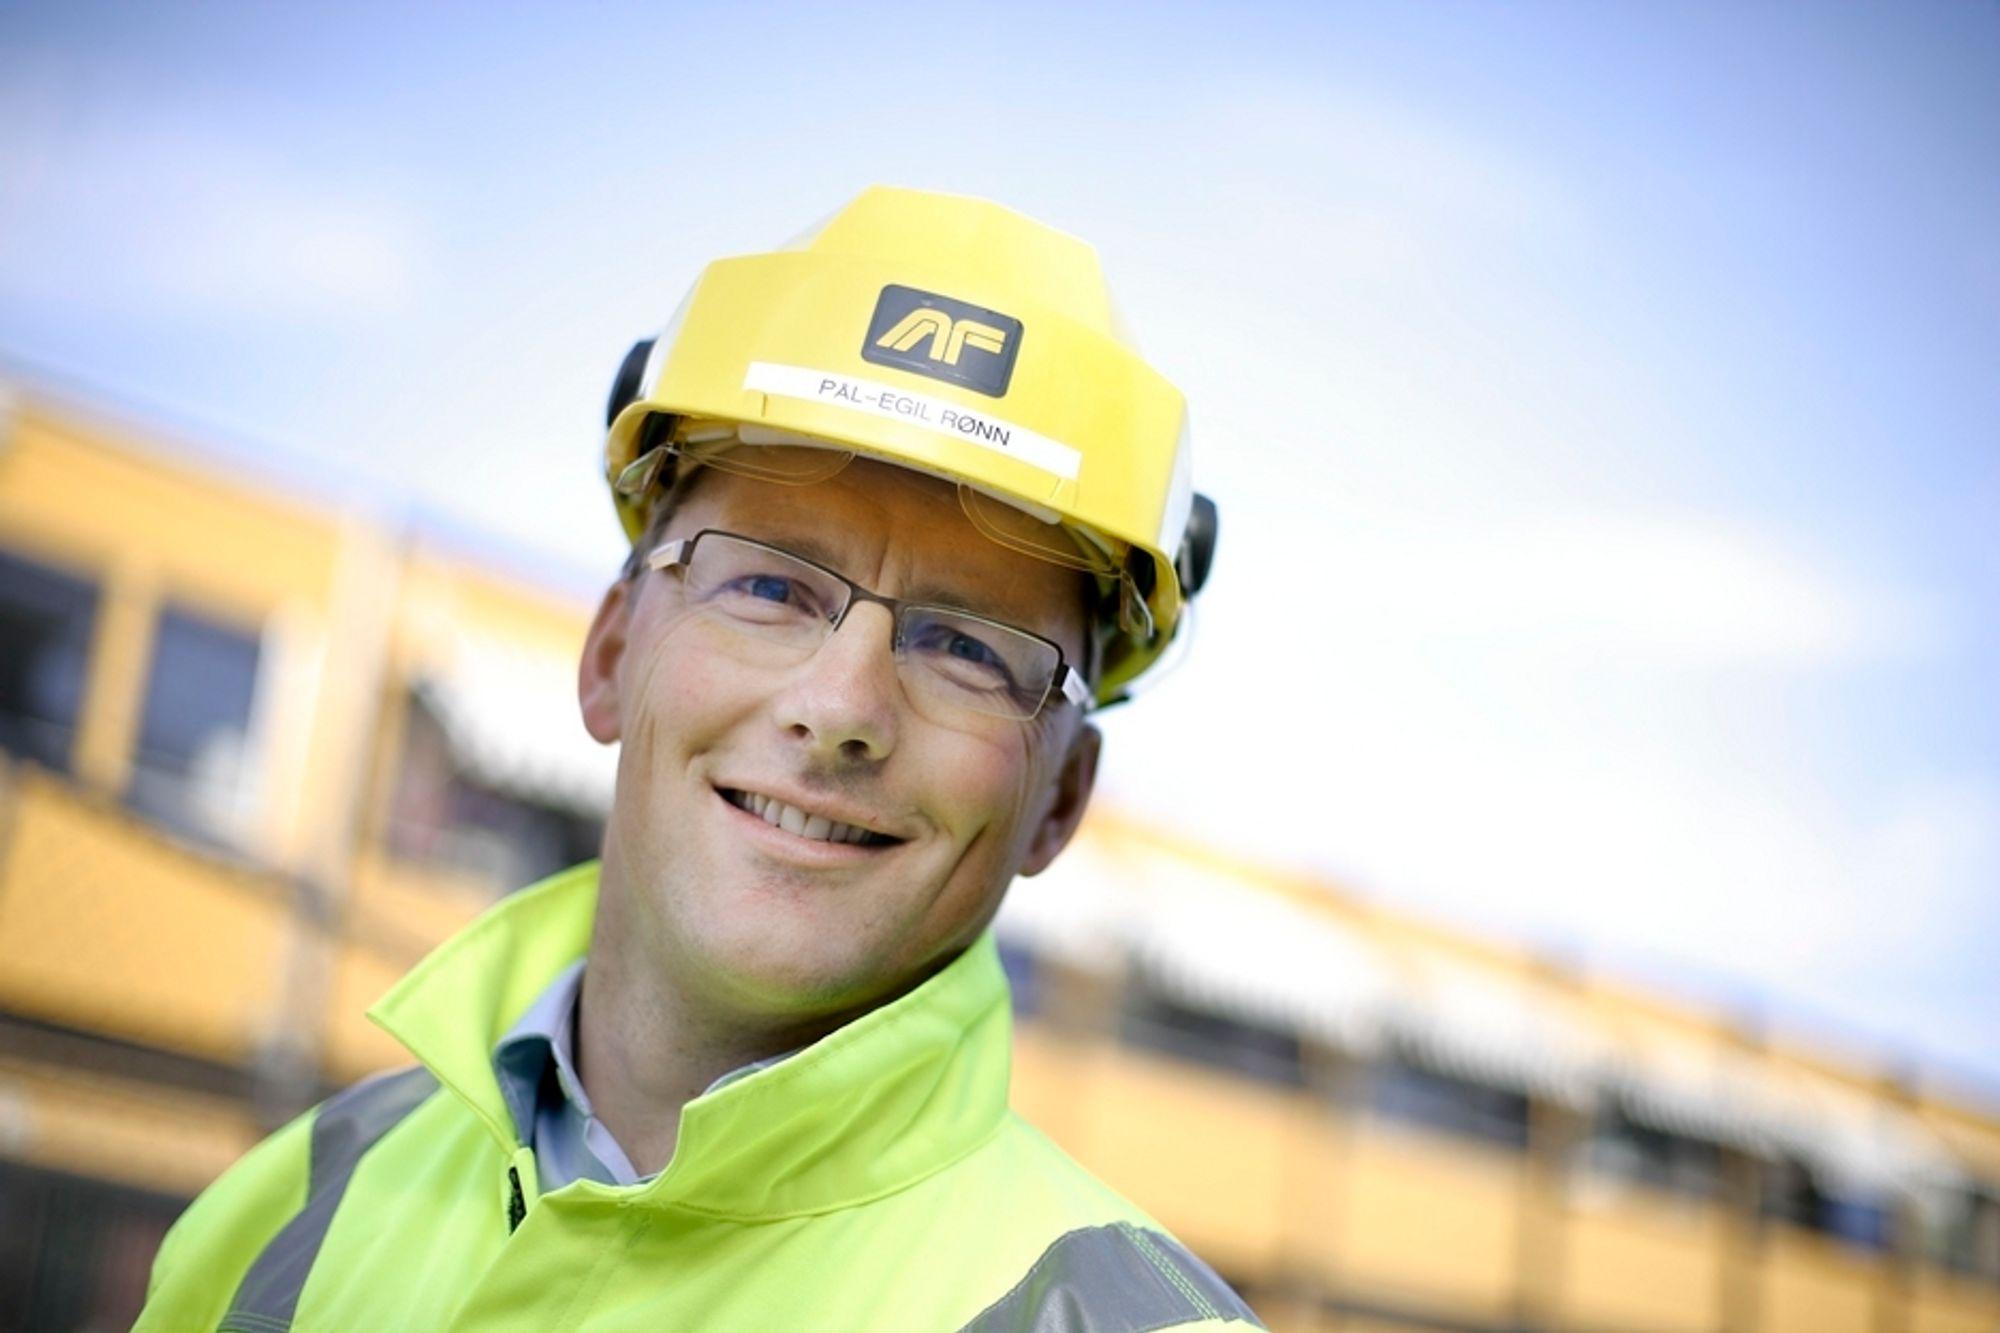 Konsernsjef Pål Egil Rønn i AF Gruppen kan gni seg i hendene. Selskapet ser nemlig ut til å få en ny hundremillionerskontrakt.